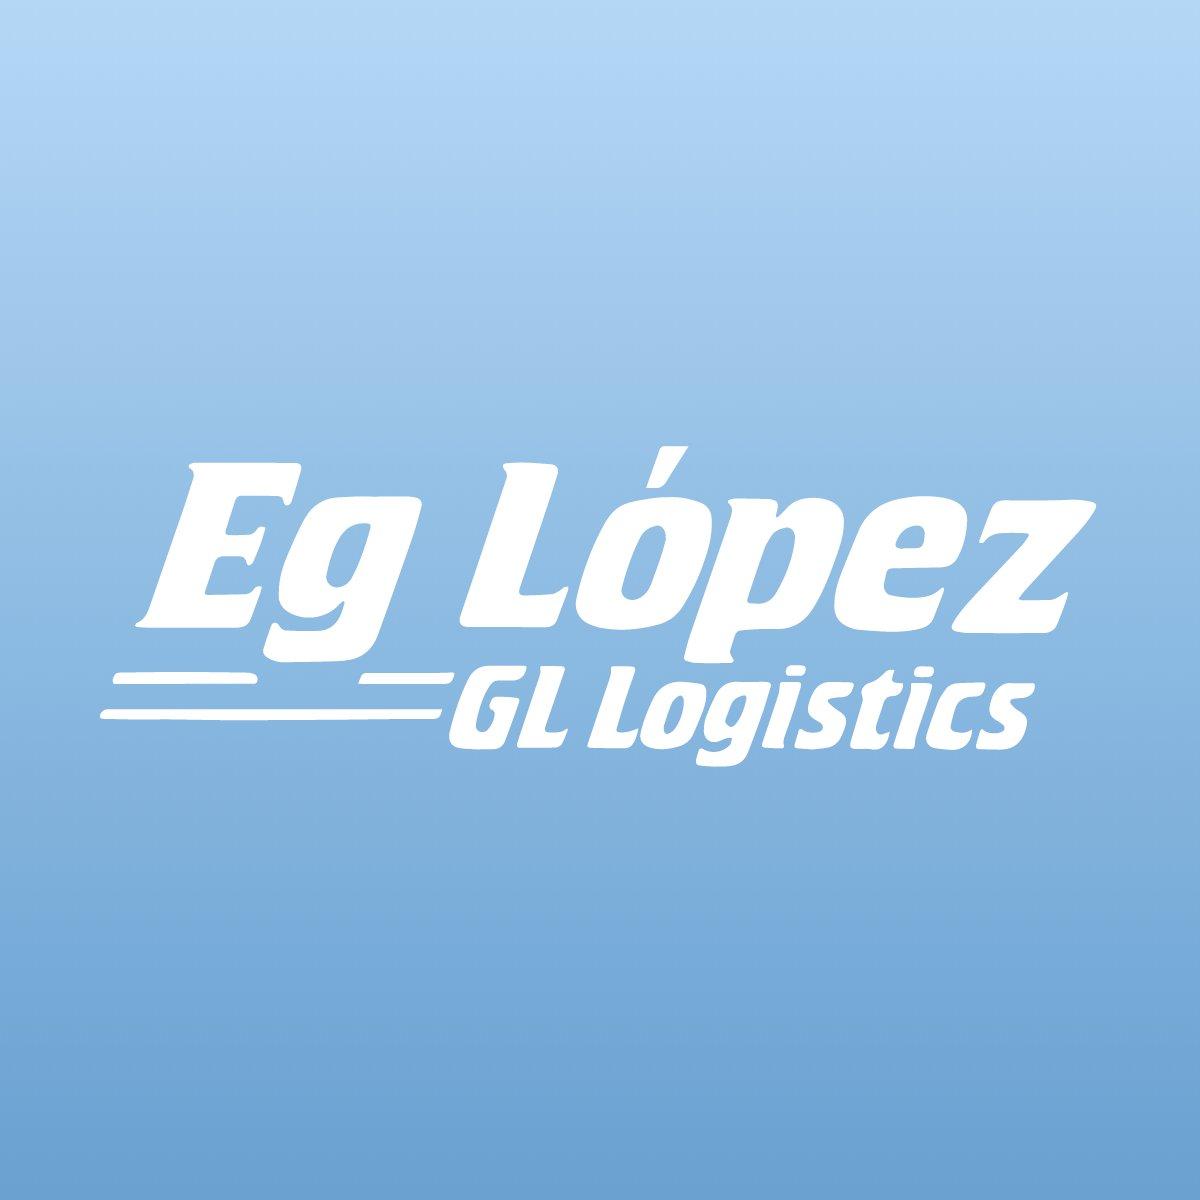 #PortfolioDay 💼 #diseñoweb + #SEO  🖥️ GL Logistics es una empresa líder que ofrece servicios de transporte y logística 🚛 Checa más de este proyecto aquí 👉https://t.co/GZg93mhQn8  #Webdesign #MarketingDigital #ecommercewebsite #UI #ux  #Website #seomarketing #graphicdesign https://t.co/YzPTeKgmkZ